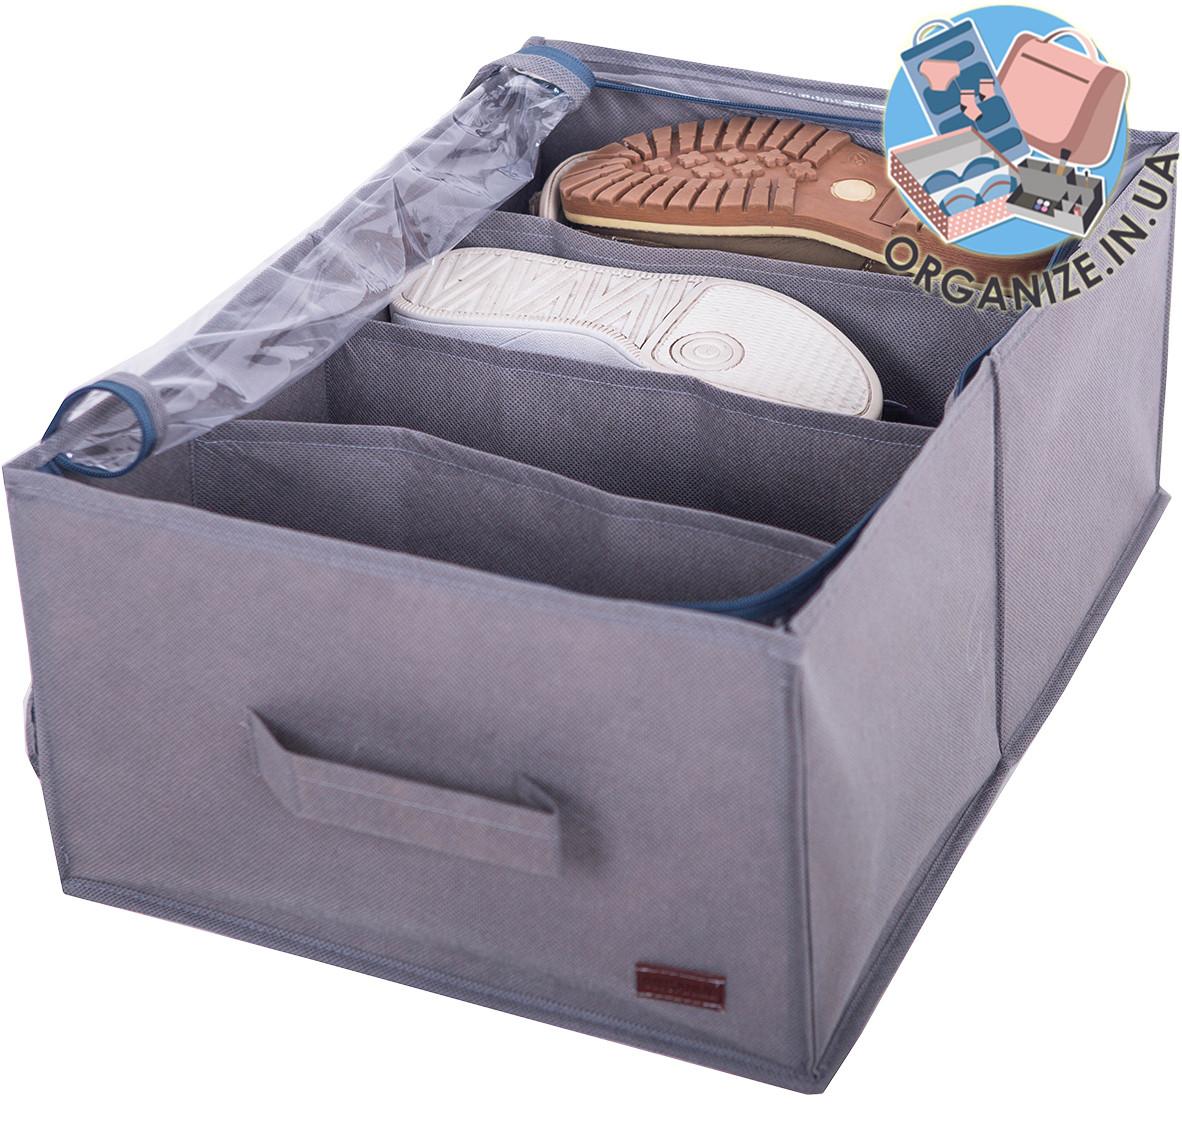 Органайзер для хранения демисезонной обуви на 4 пары ORGANIZE (серый)